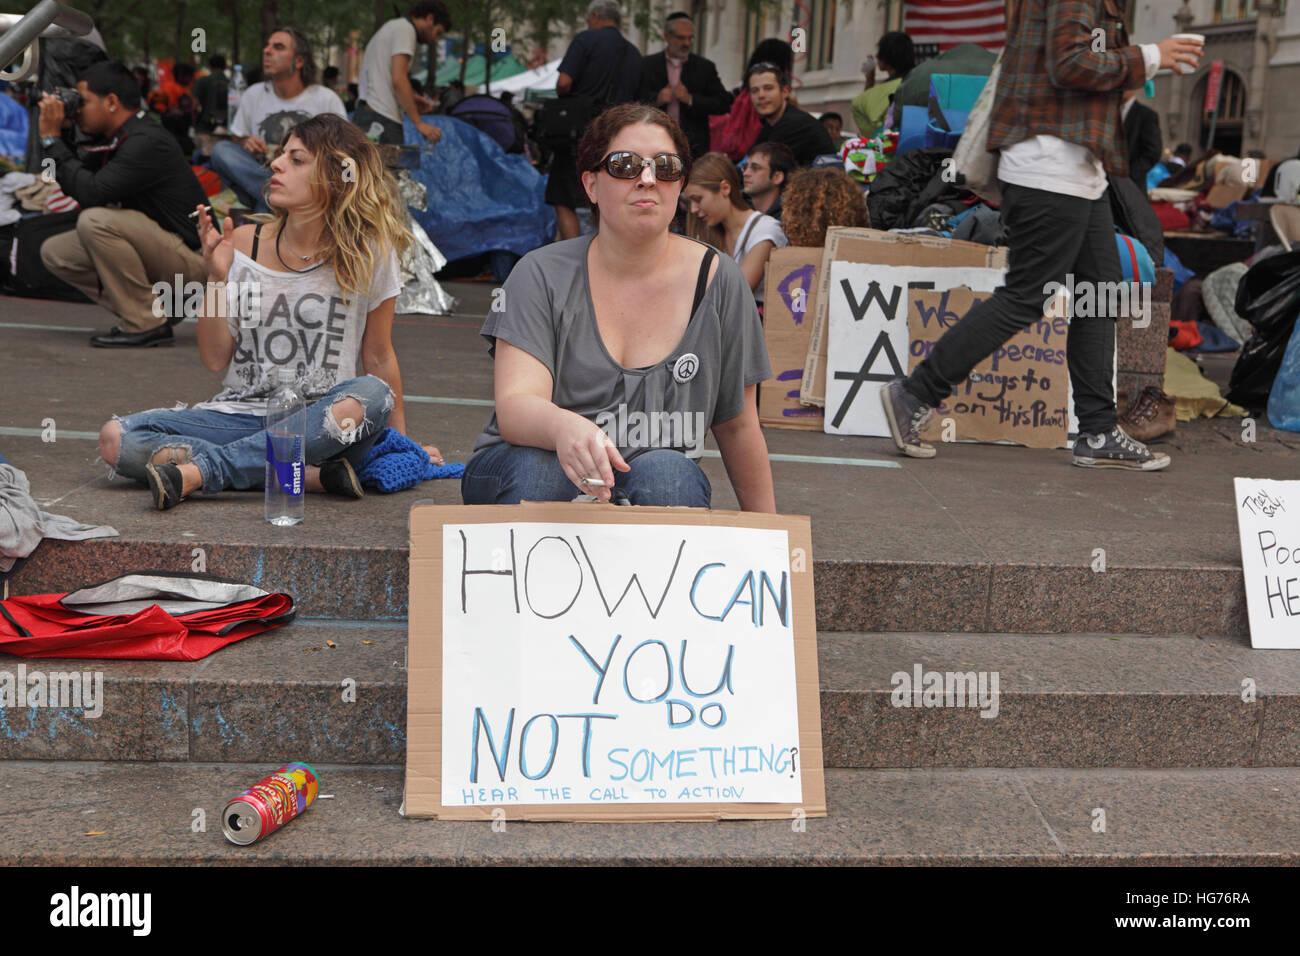 Wall-Street-Demonstrant-Camp am Zuccotti Park Frau mit einem Plakat ruft Menschen zum Handeln zu besetzen Stockbild